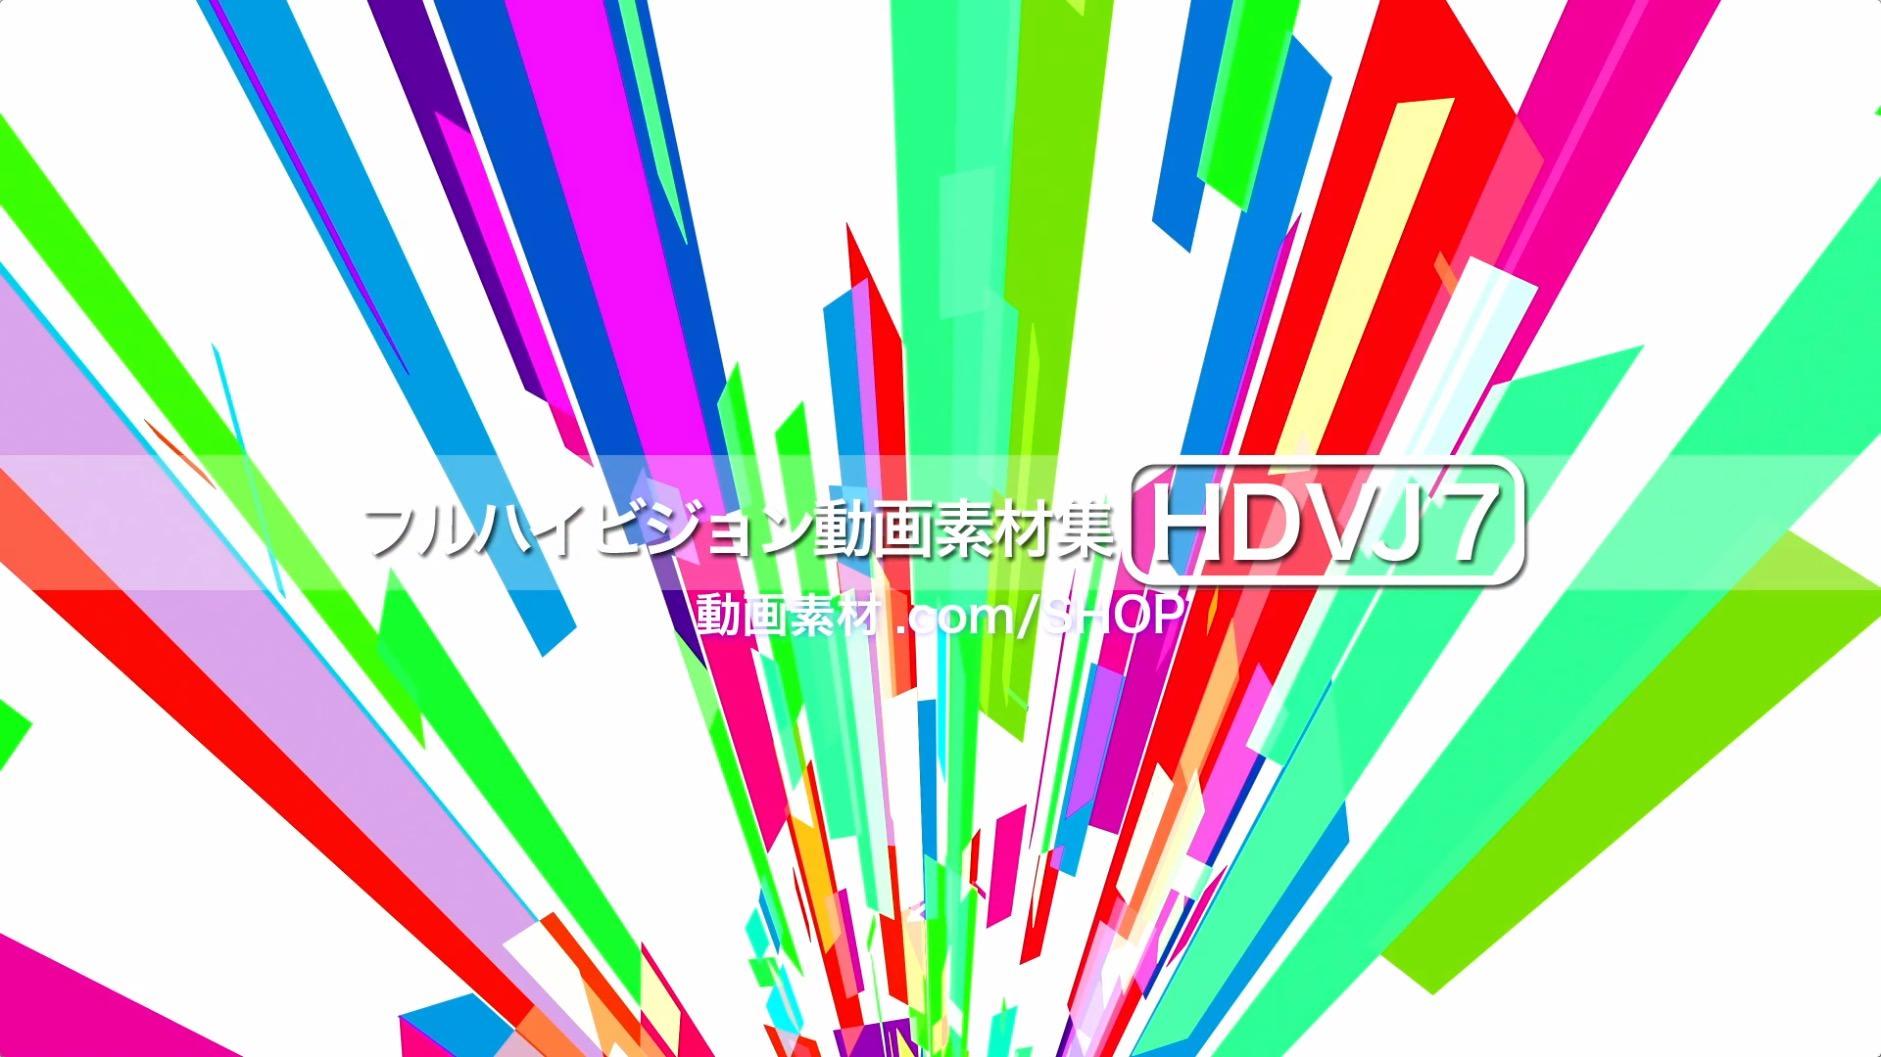 HDVJ6_7